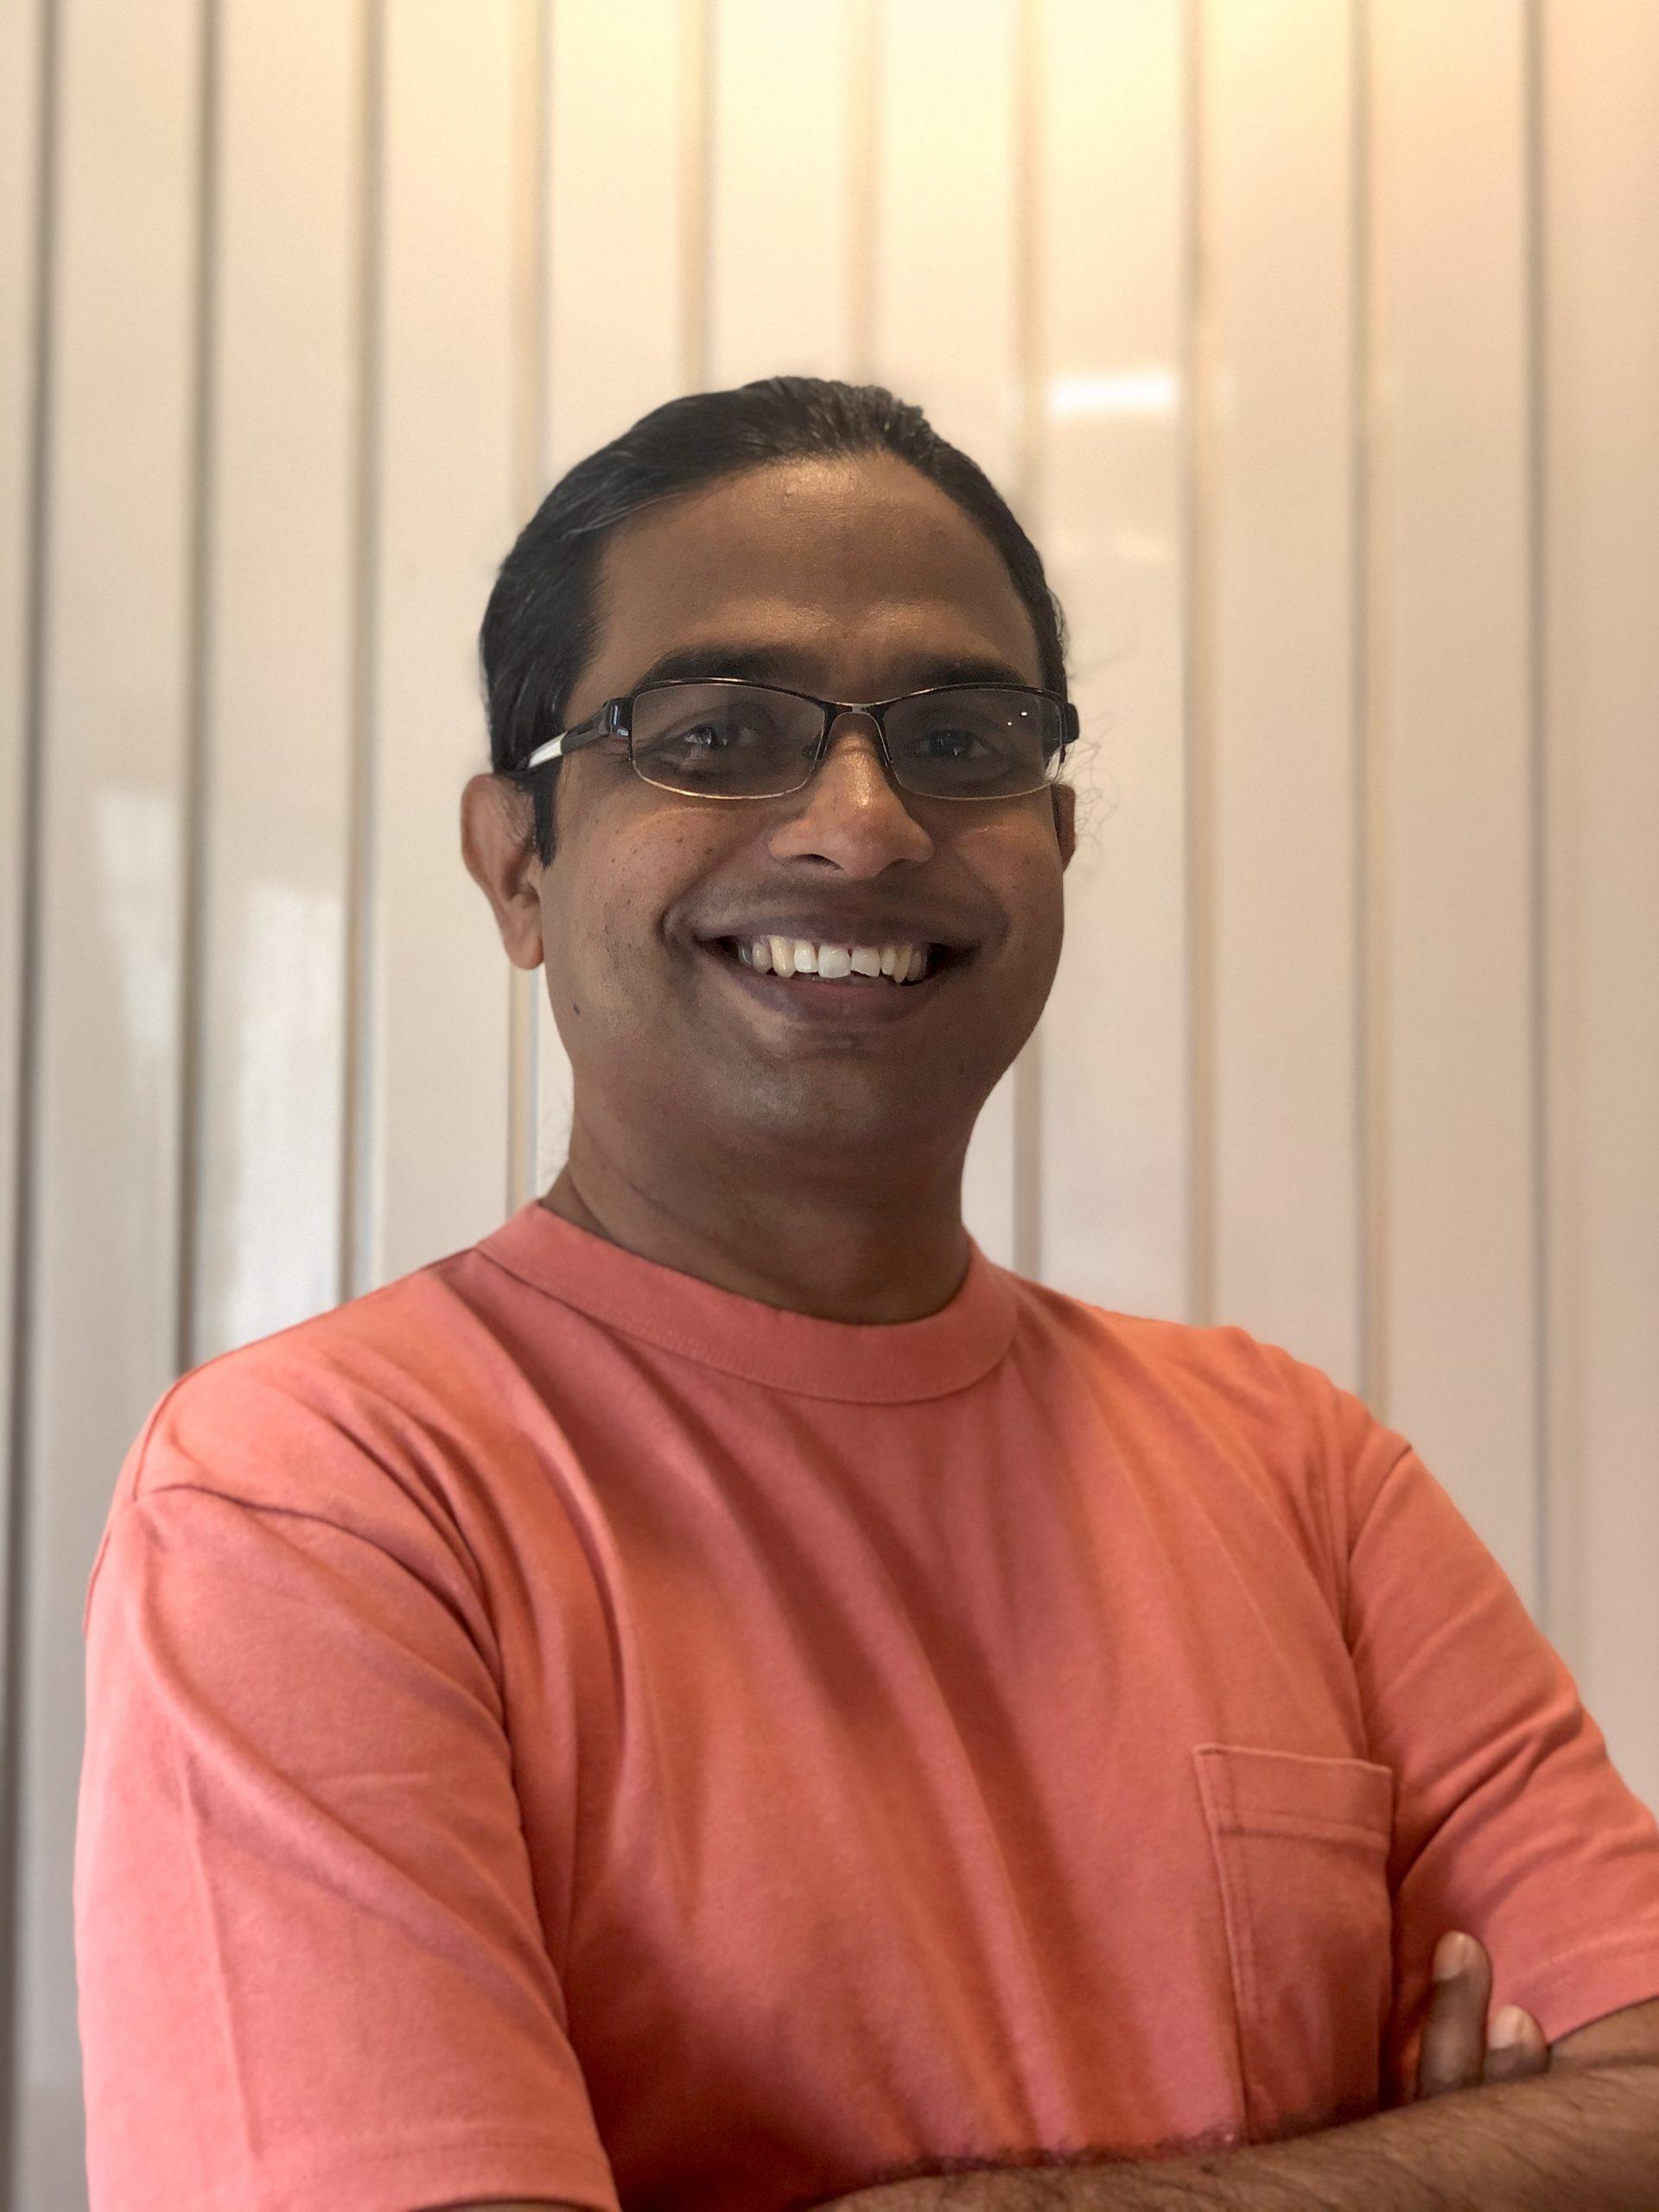 Chinmoy Panda, Founder & CEO, DateTheRamp